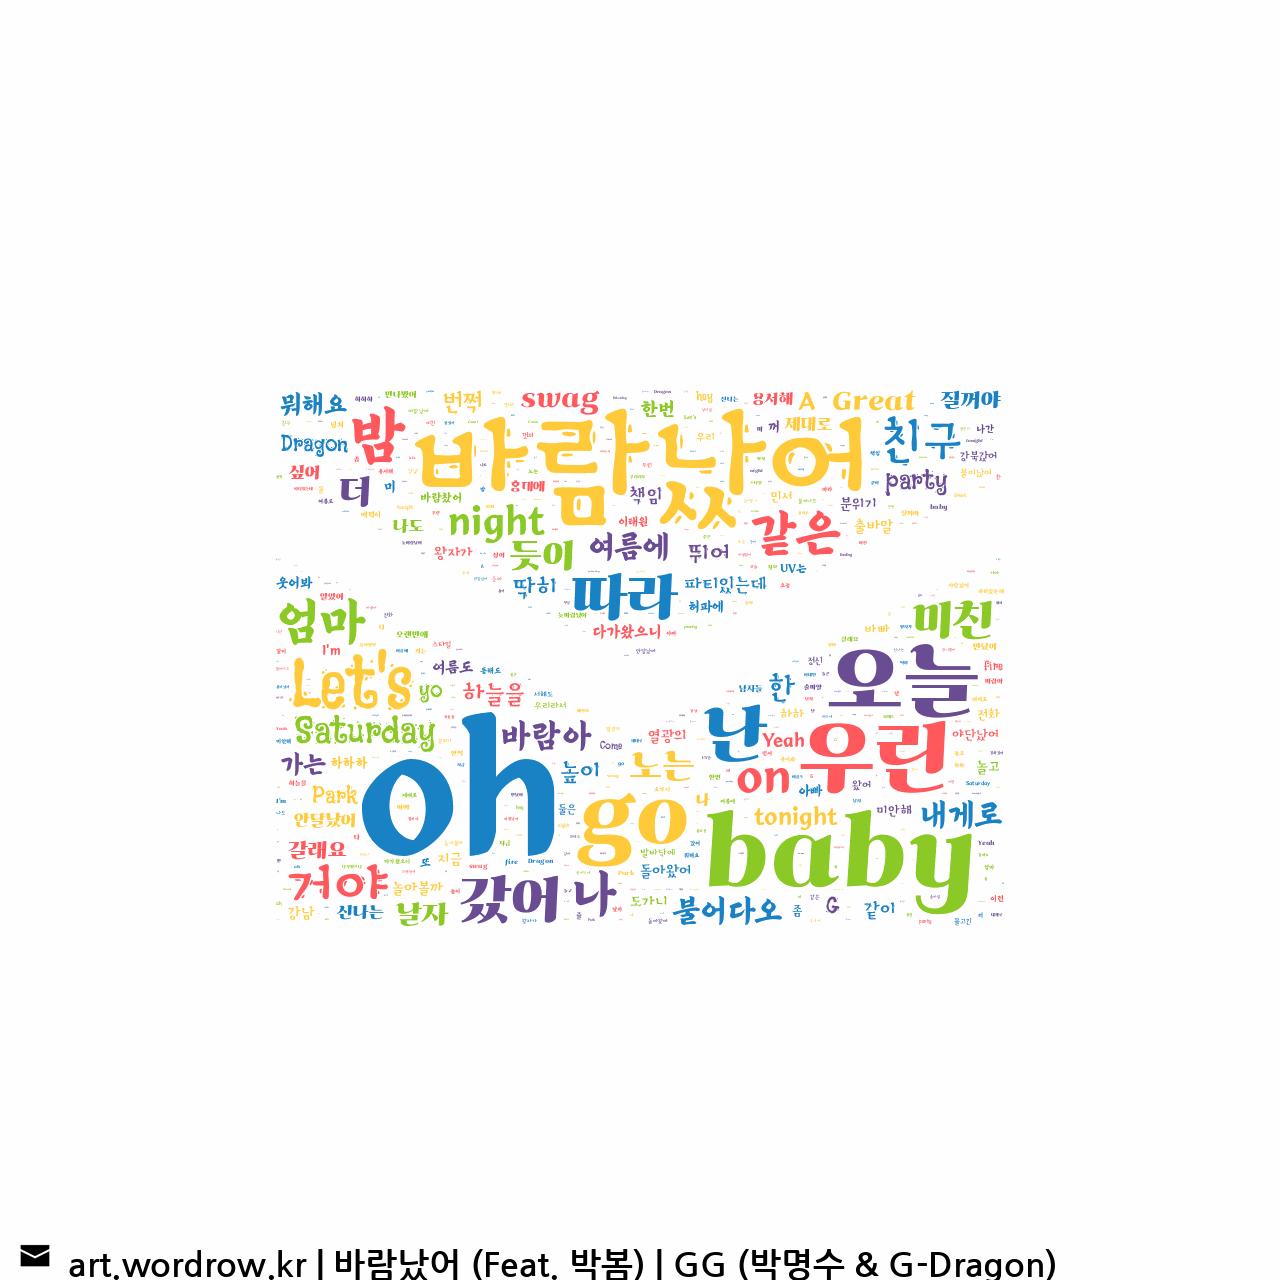 워드 아트: 바람났어 (Feat. 박봄) [GG (박명수 & G-Dragon)]-78